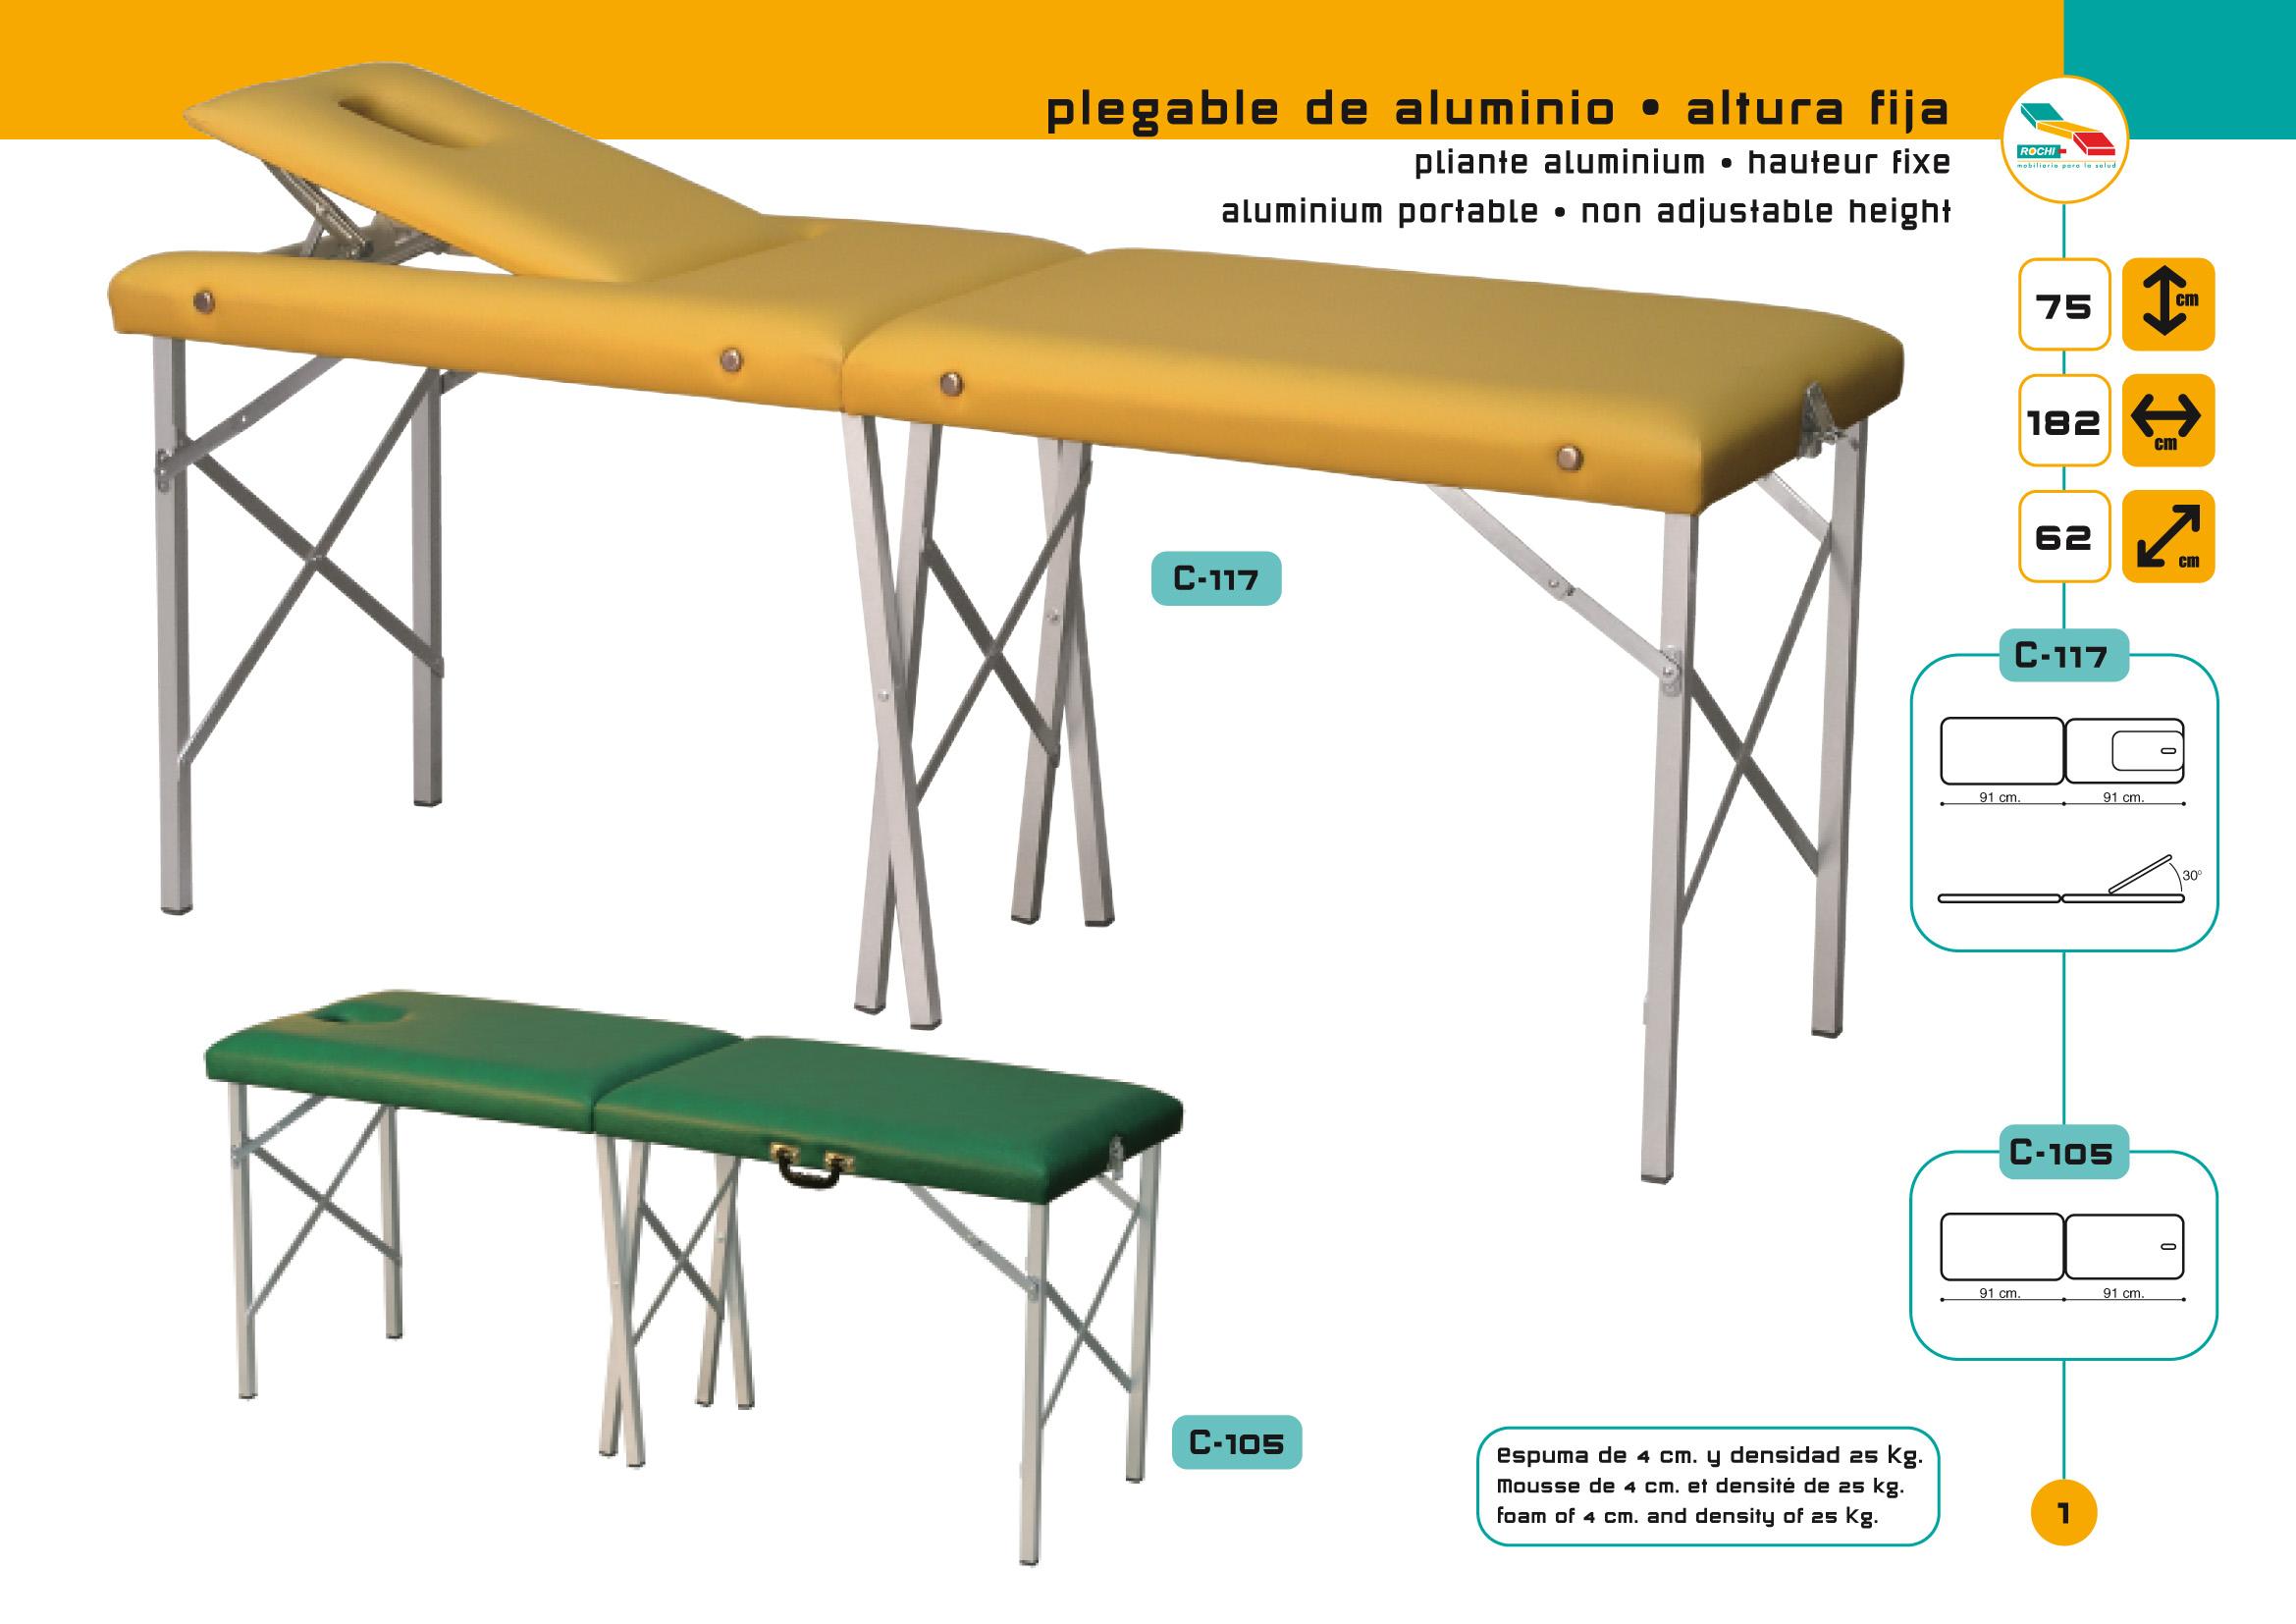 Table de massage pliante c 105 - Table de massage alu ...